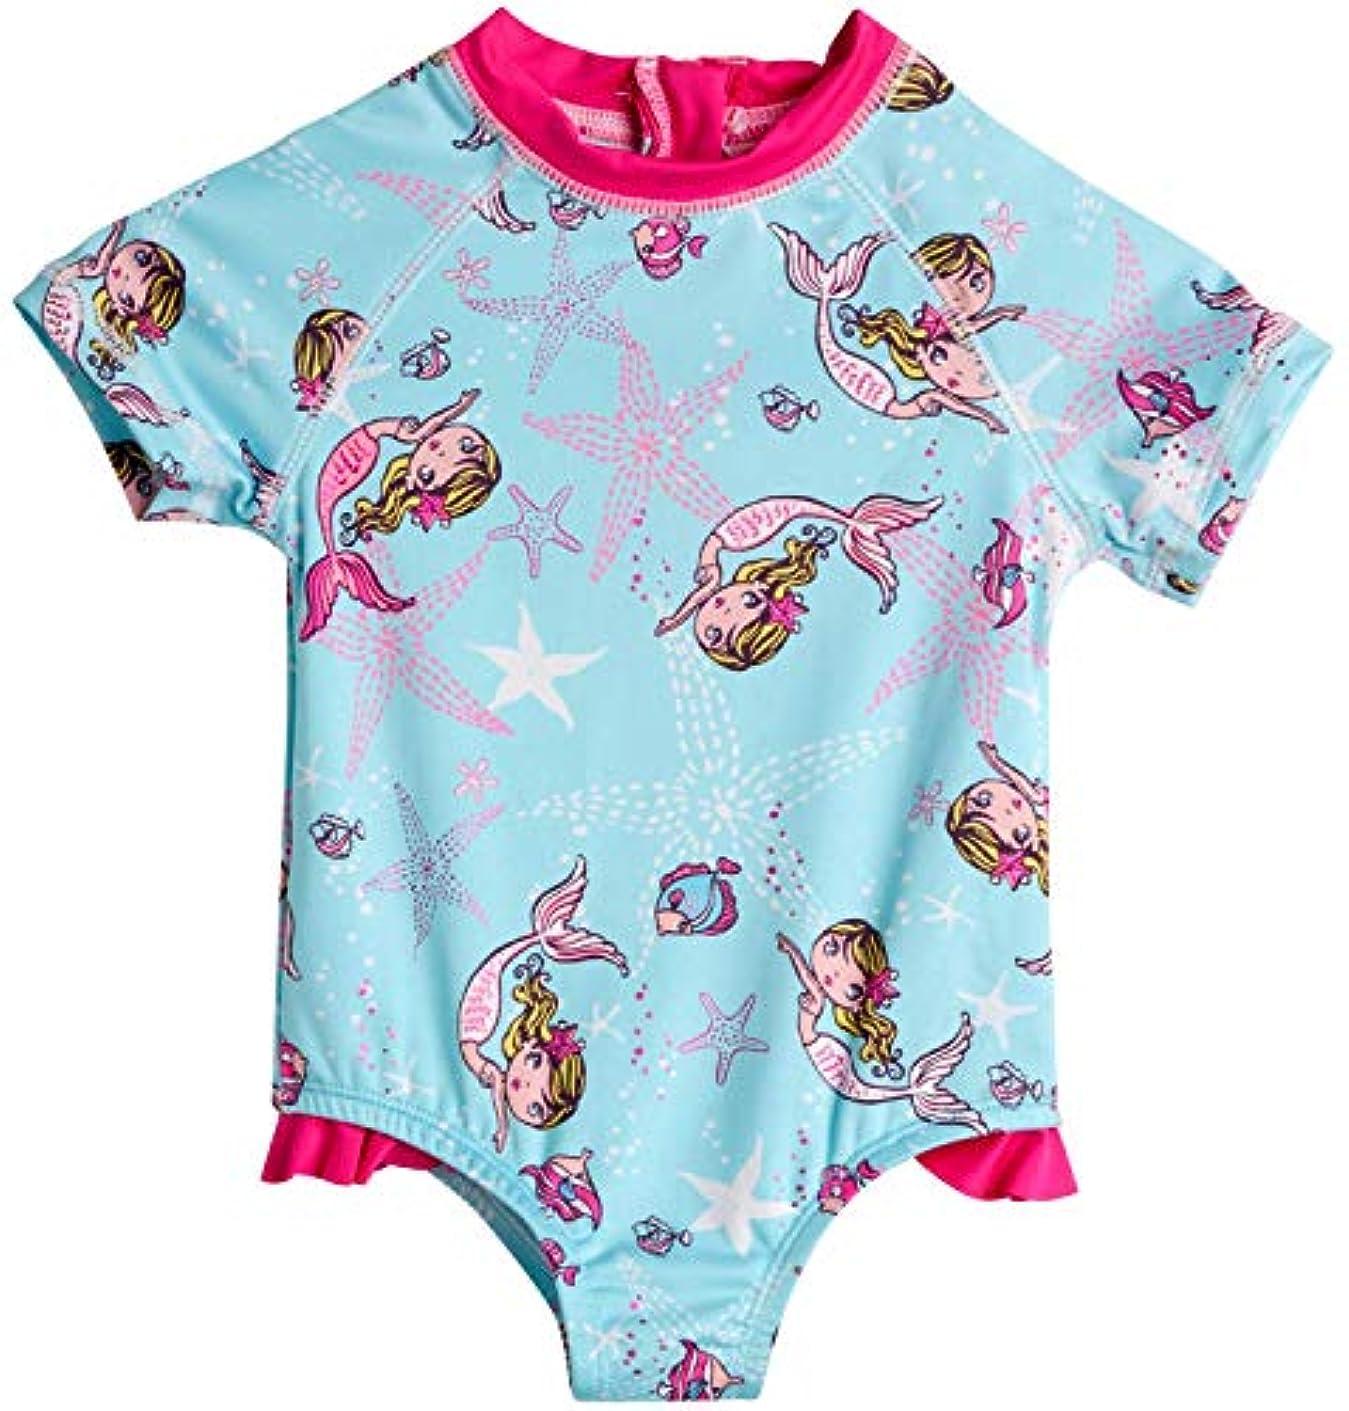 シェア試用富豪Wippette 女児用ワンピースラッシュガード水着 (新生児/乳児)